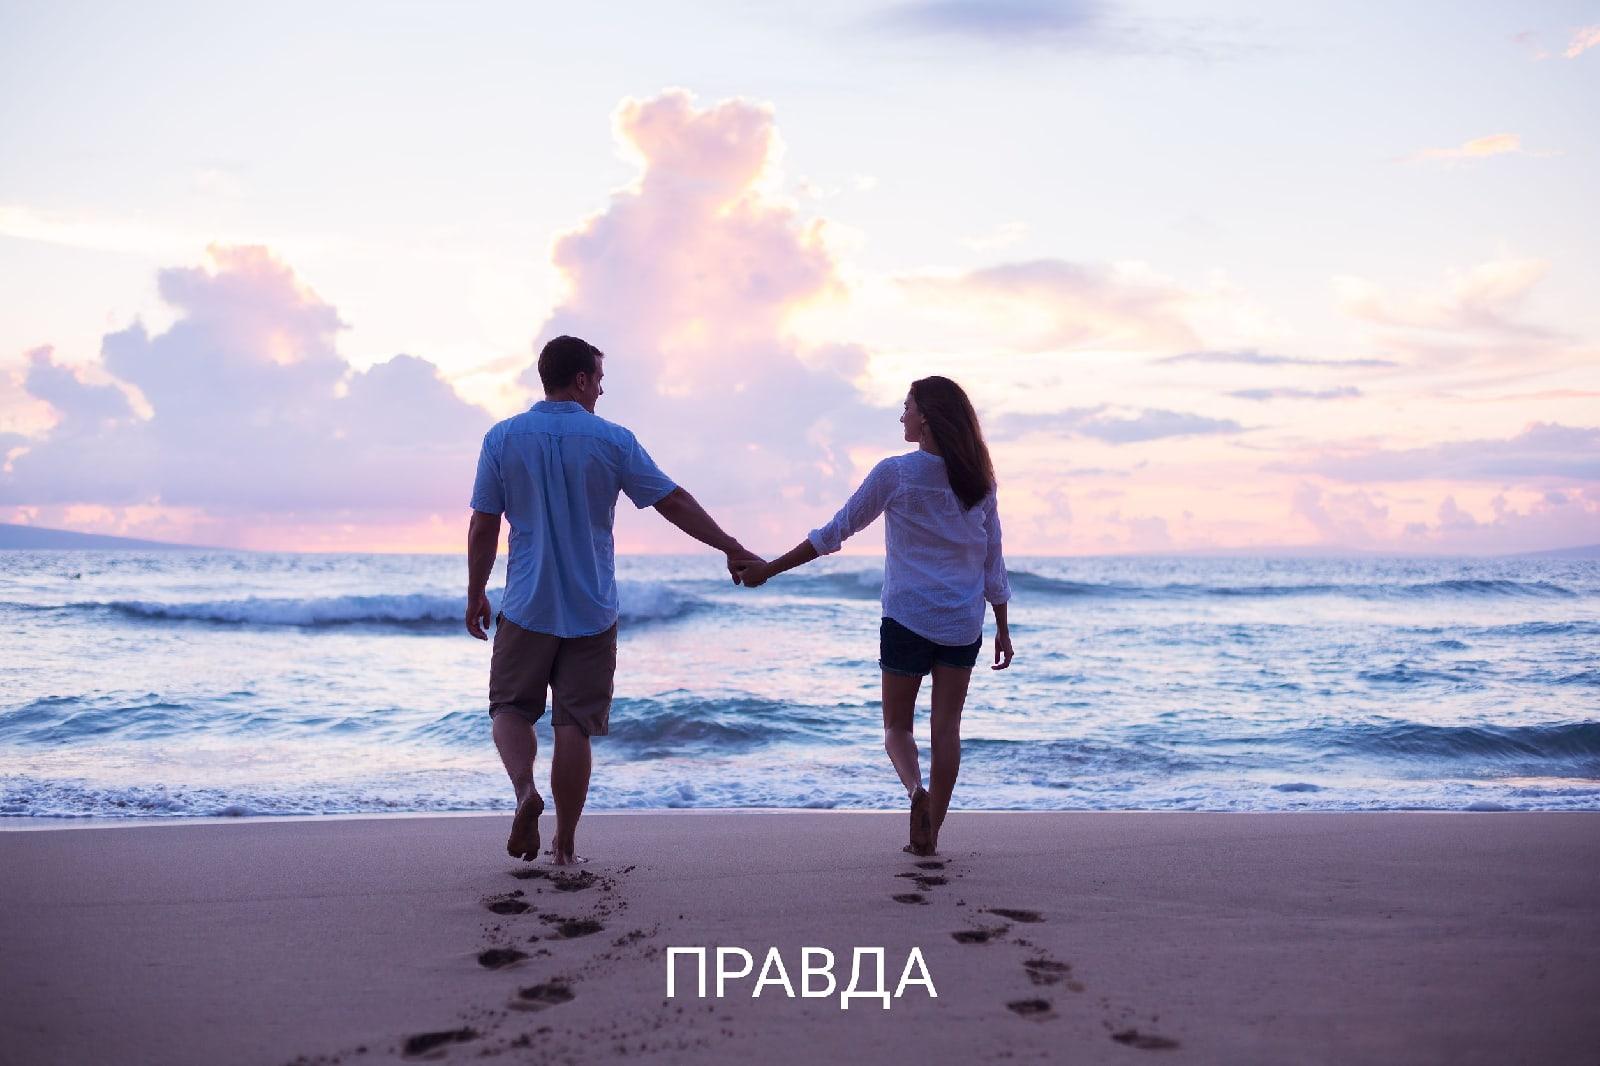 любовнаямагия - Программные свечи от Елены Руденко. - Страница 16 8WnUiOYV4Js